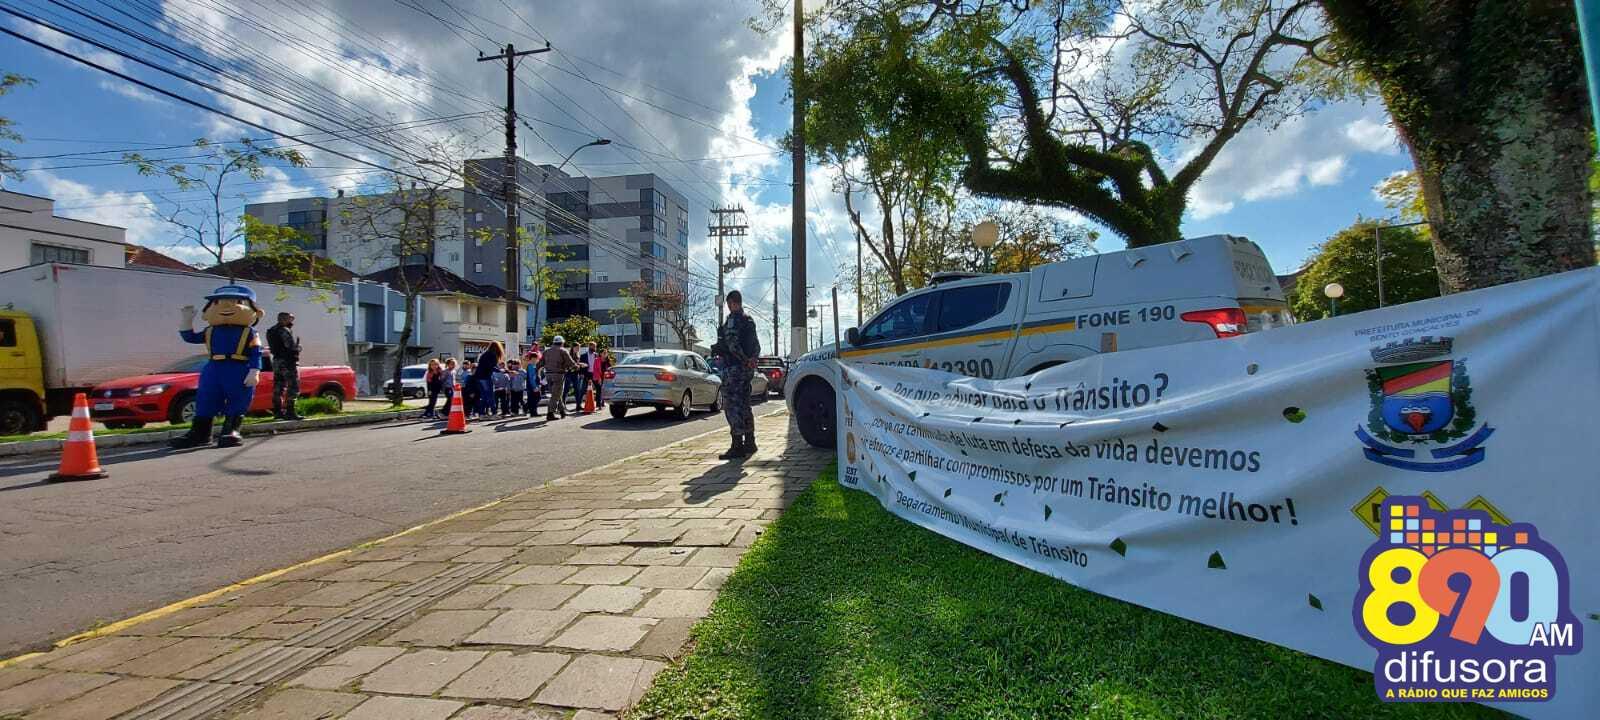 DMT e Brigada Militar realizam ações da Semana Nacional do Trânsito com alunos da EMI Mamãe Coruja em Bento